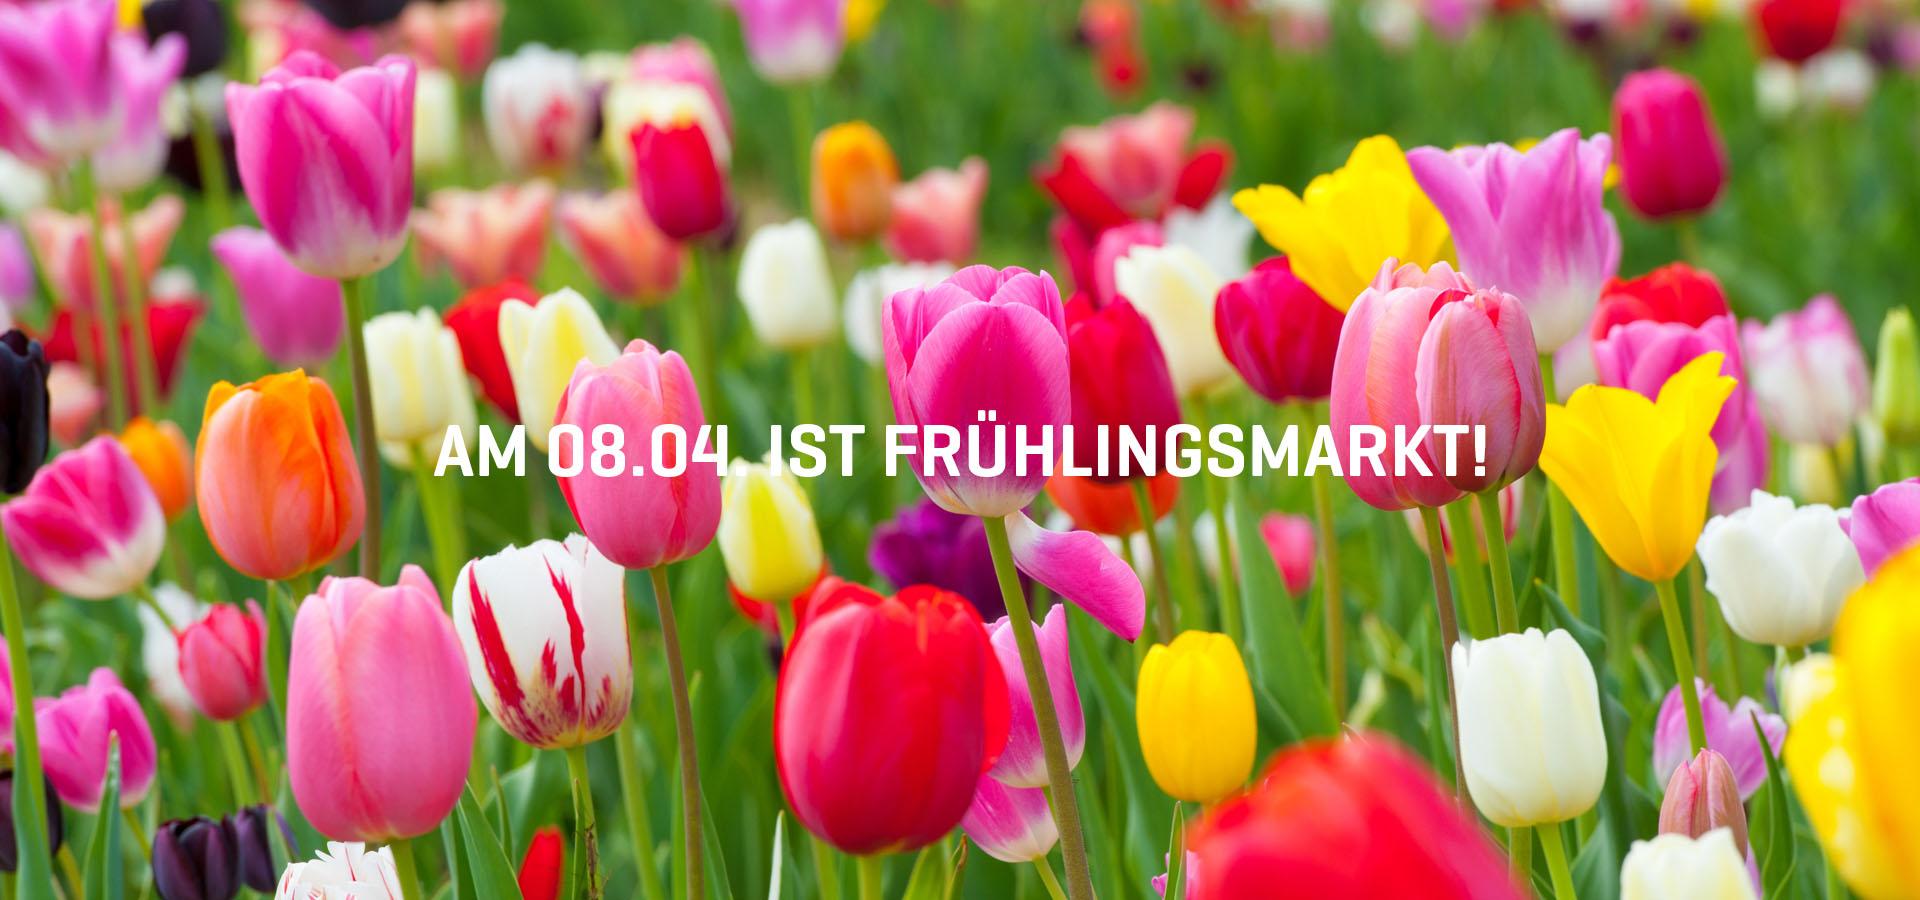 fruehlingsmarkt18